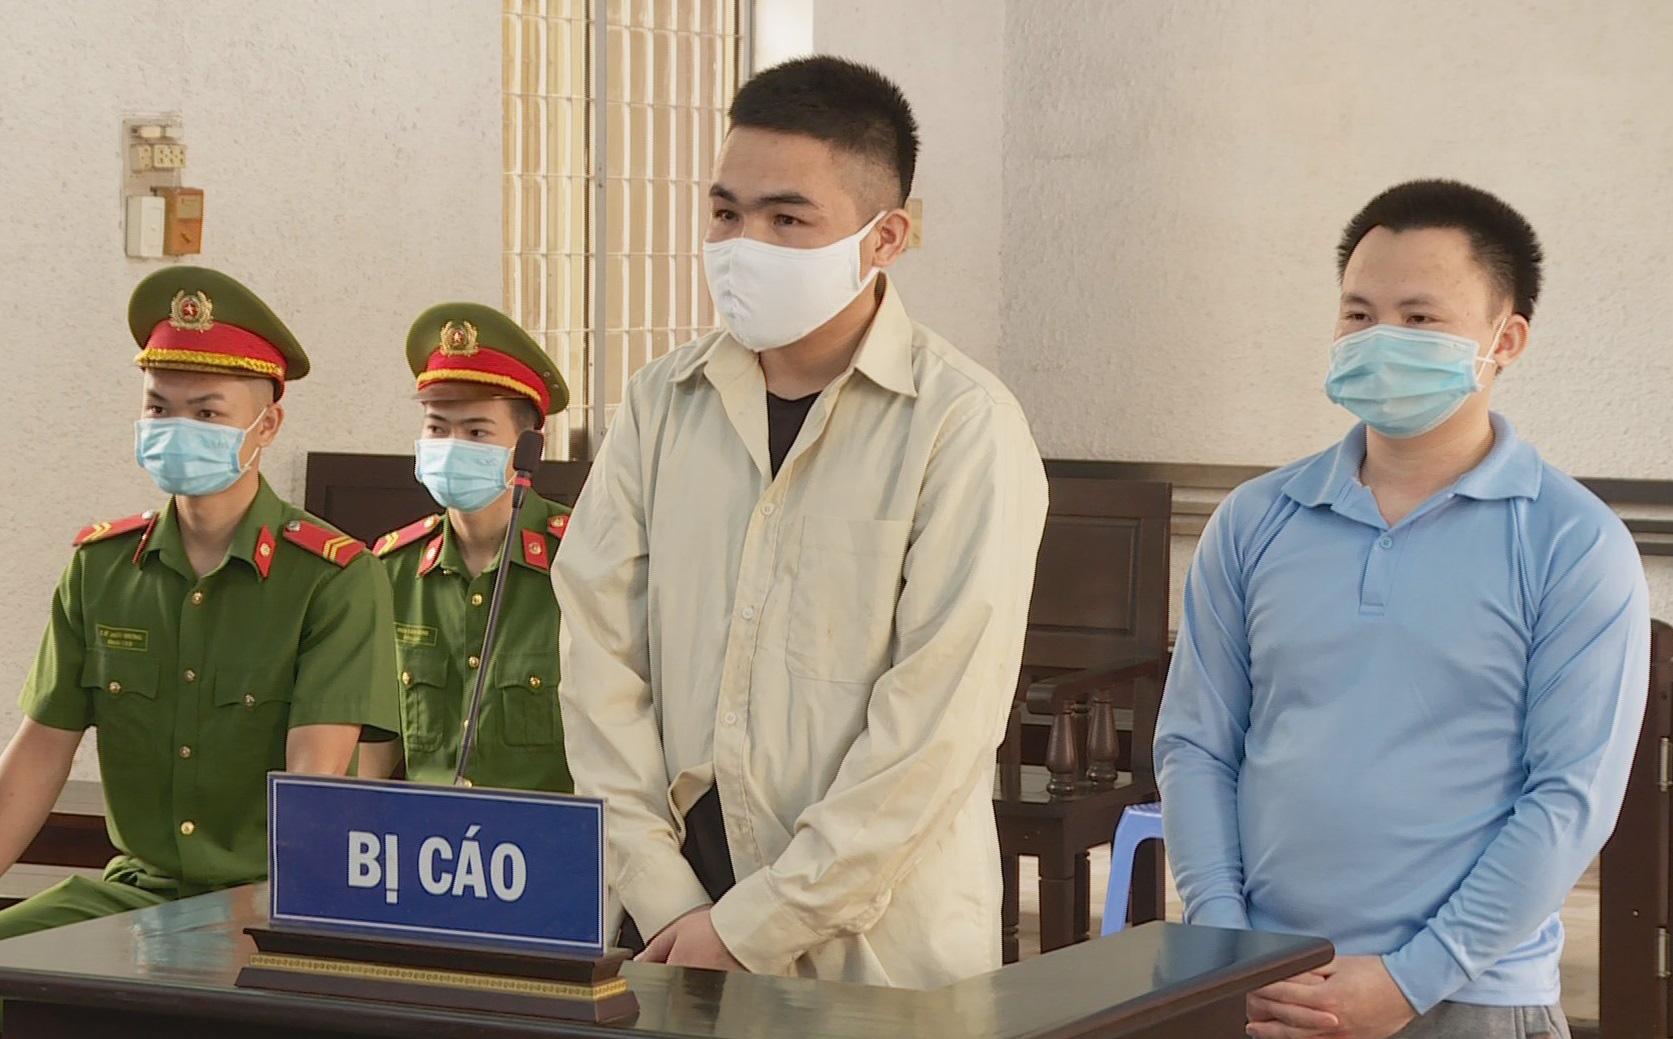 Vận chuyển thuê 200kg ma túy, hai bị cáo lãnh án tử hình